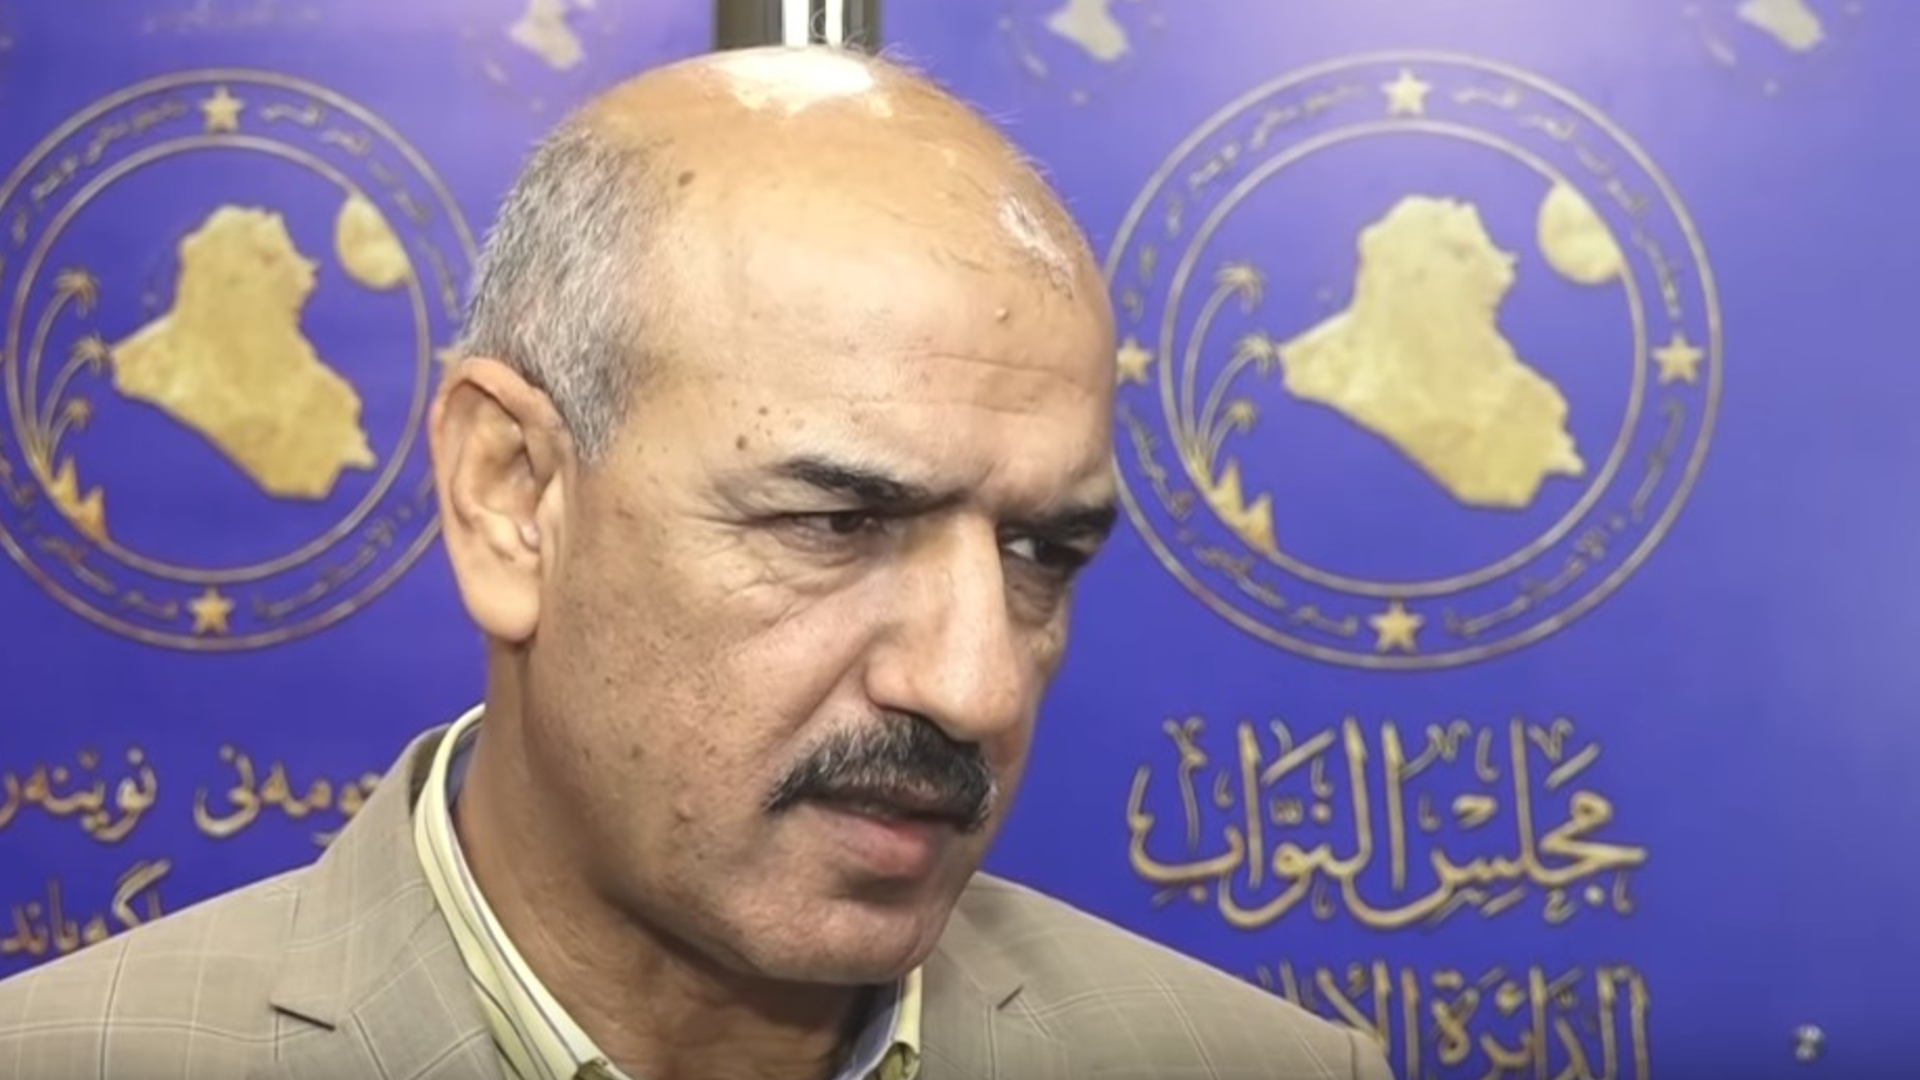 لجنة الأمن والدفاع النيابية تعيد طرح قانون التجنيد الإلزامي